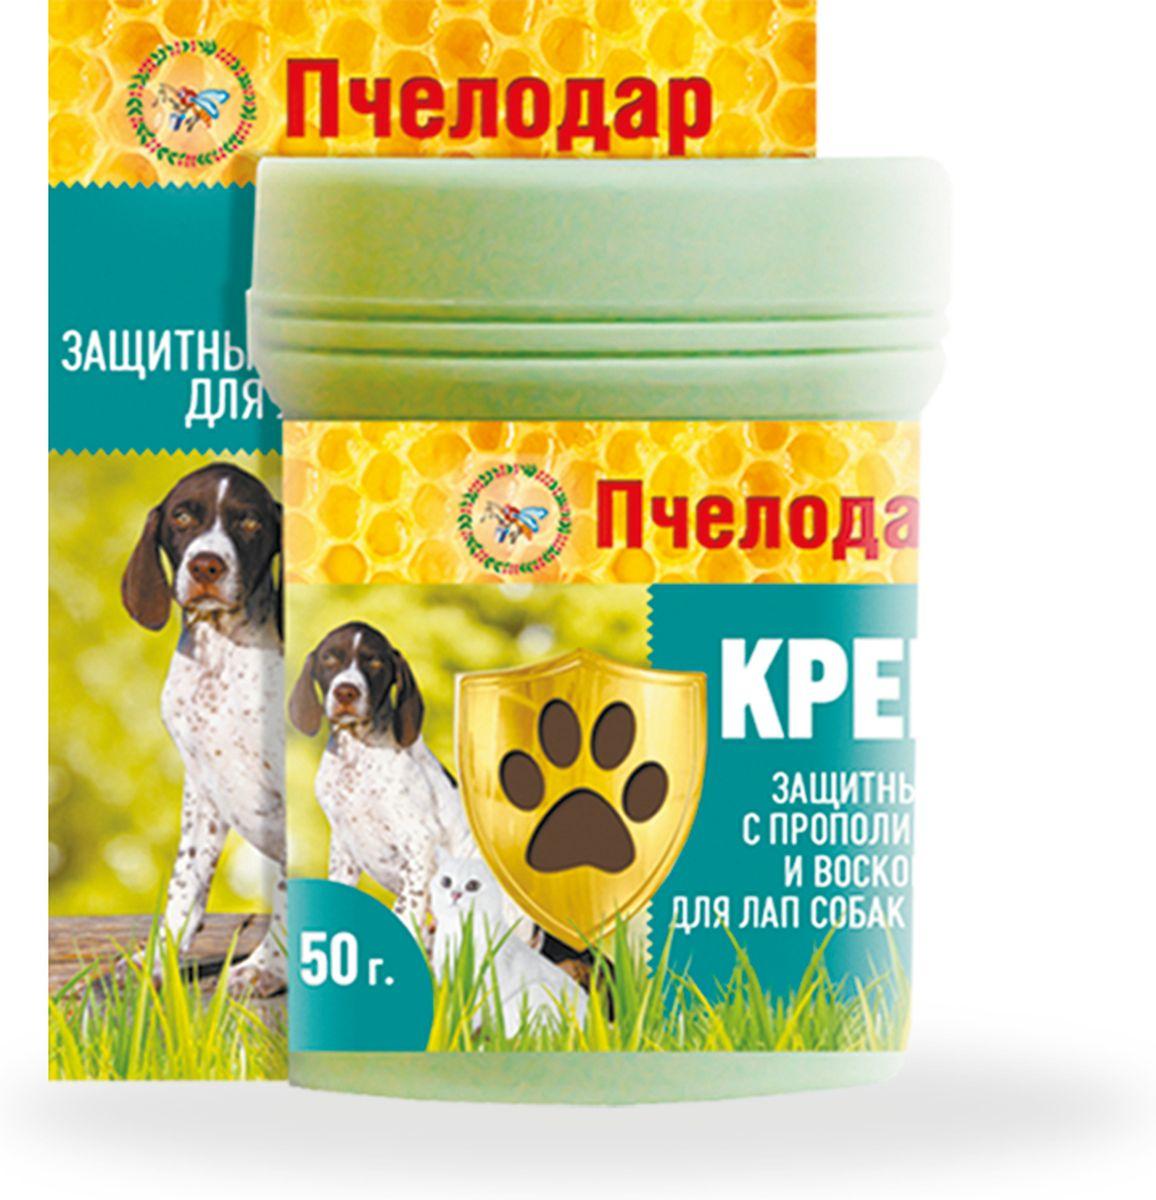 """Крем защитный """"Пчелодар"""", с прополисом и воском для лап собак и кошек, 50 г"""